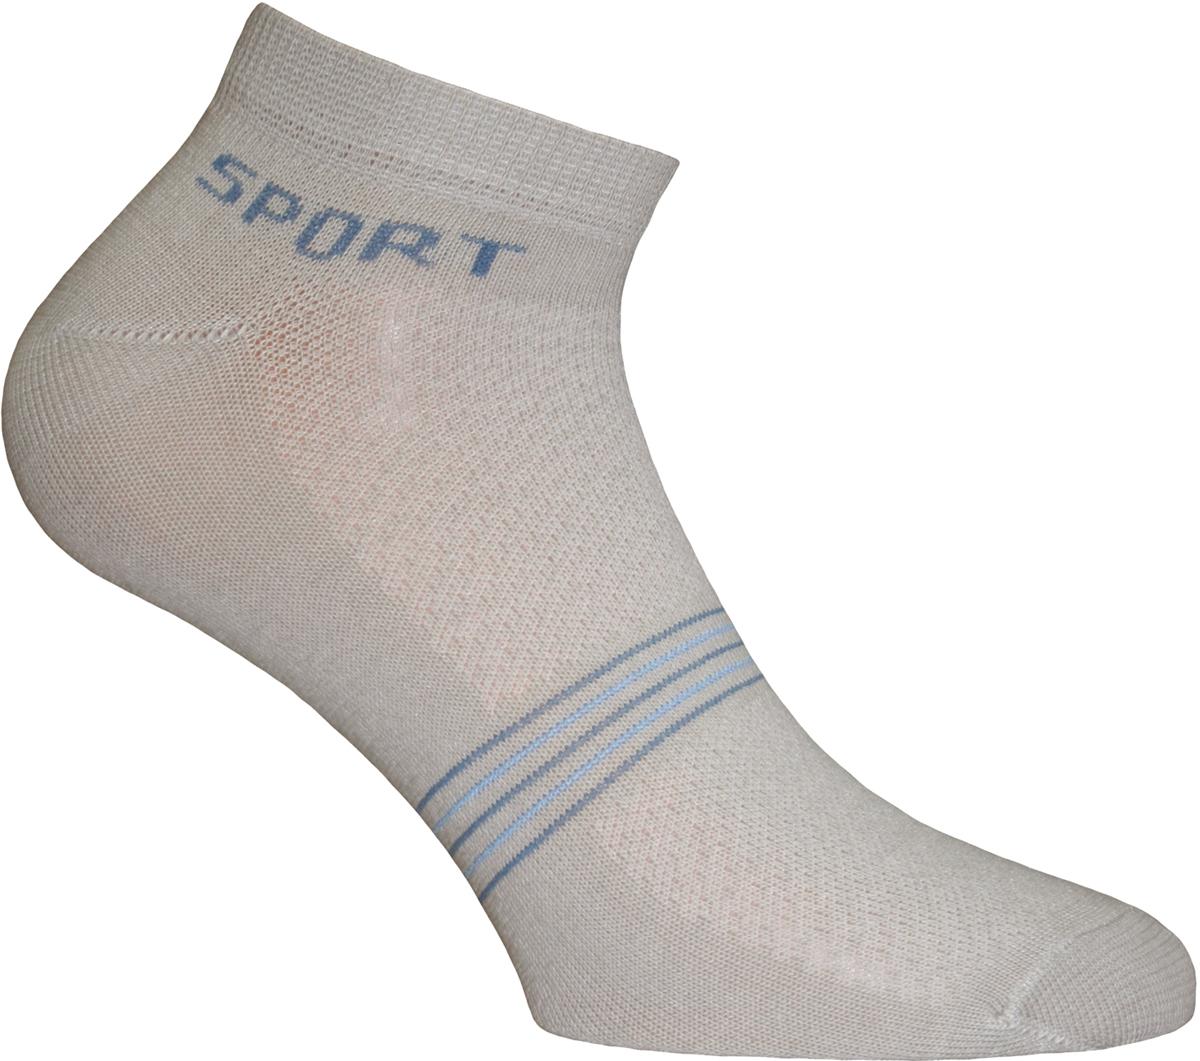 Носки мужские Master Socks, цвет: светло-серый. 58914. Размер 2758914Удобные носки Master Socks в спортивном стиле, изготовленные из высококачественного комбинированного материала с хлопковой основой, очень мягкие и приятные на ощупь, позволяют коже дышать.Эластичная резинка плотно облегает ногу, не сдавливая ее, обеспечивая комфорт и удобство. Носки с укороченным паголенком. Практичные и комфортные носки великолепно подойдут к любой вашей обуви.